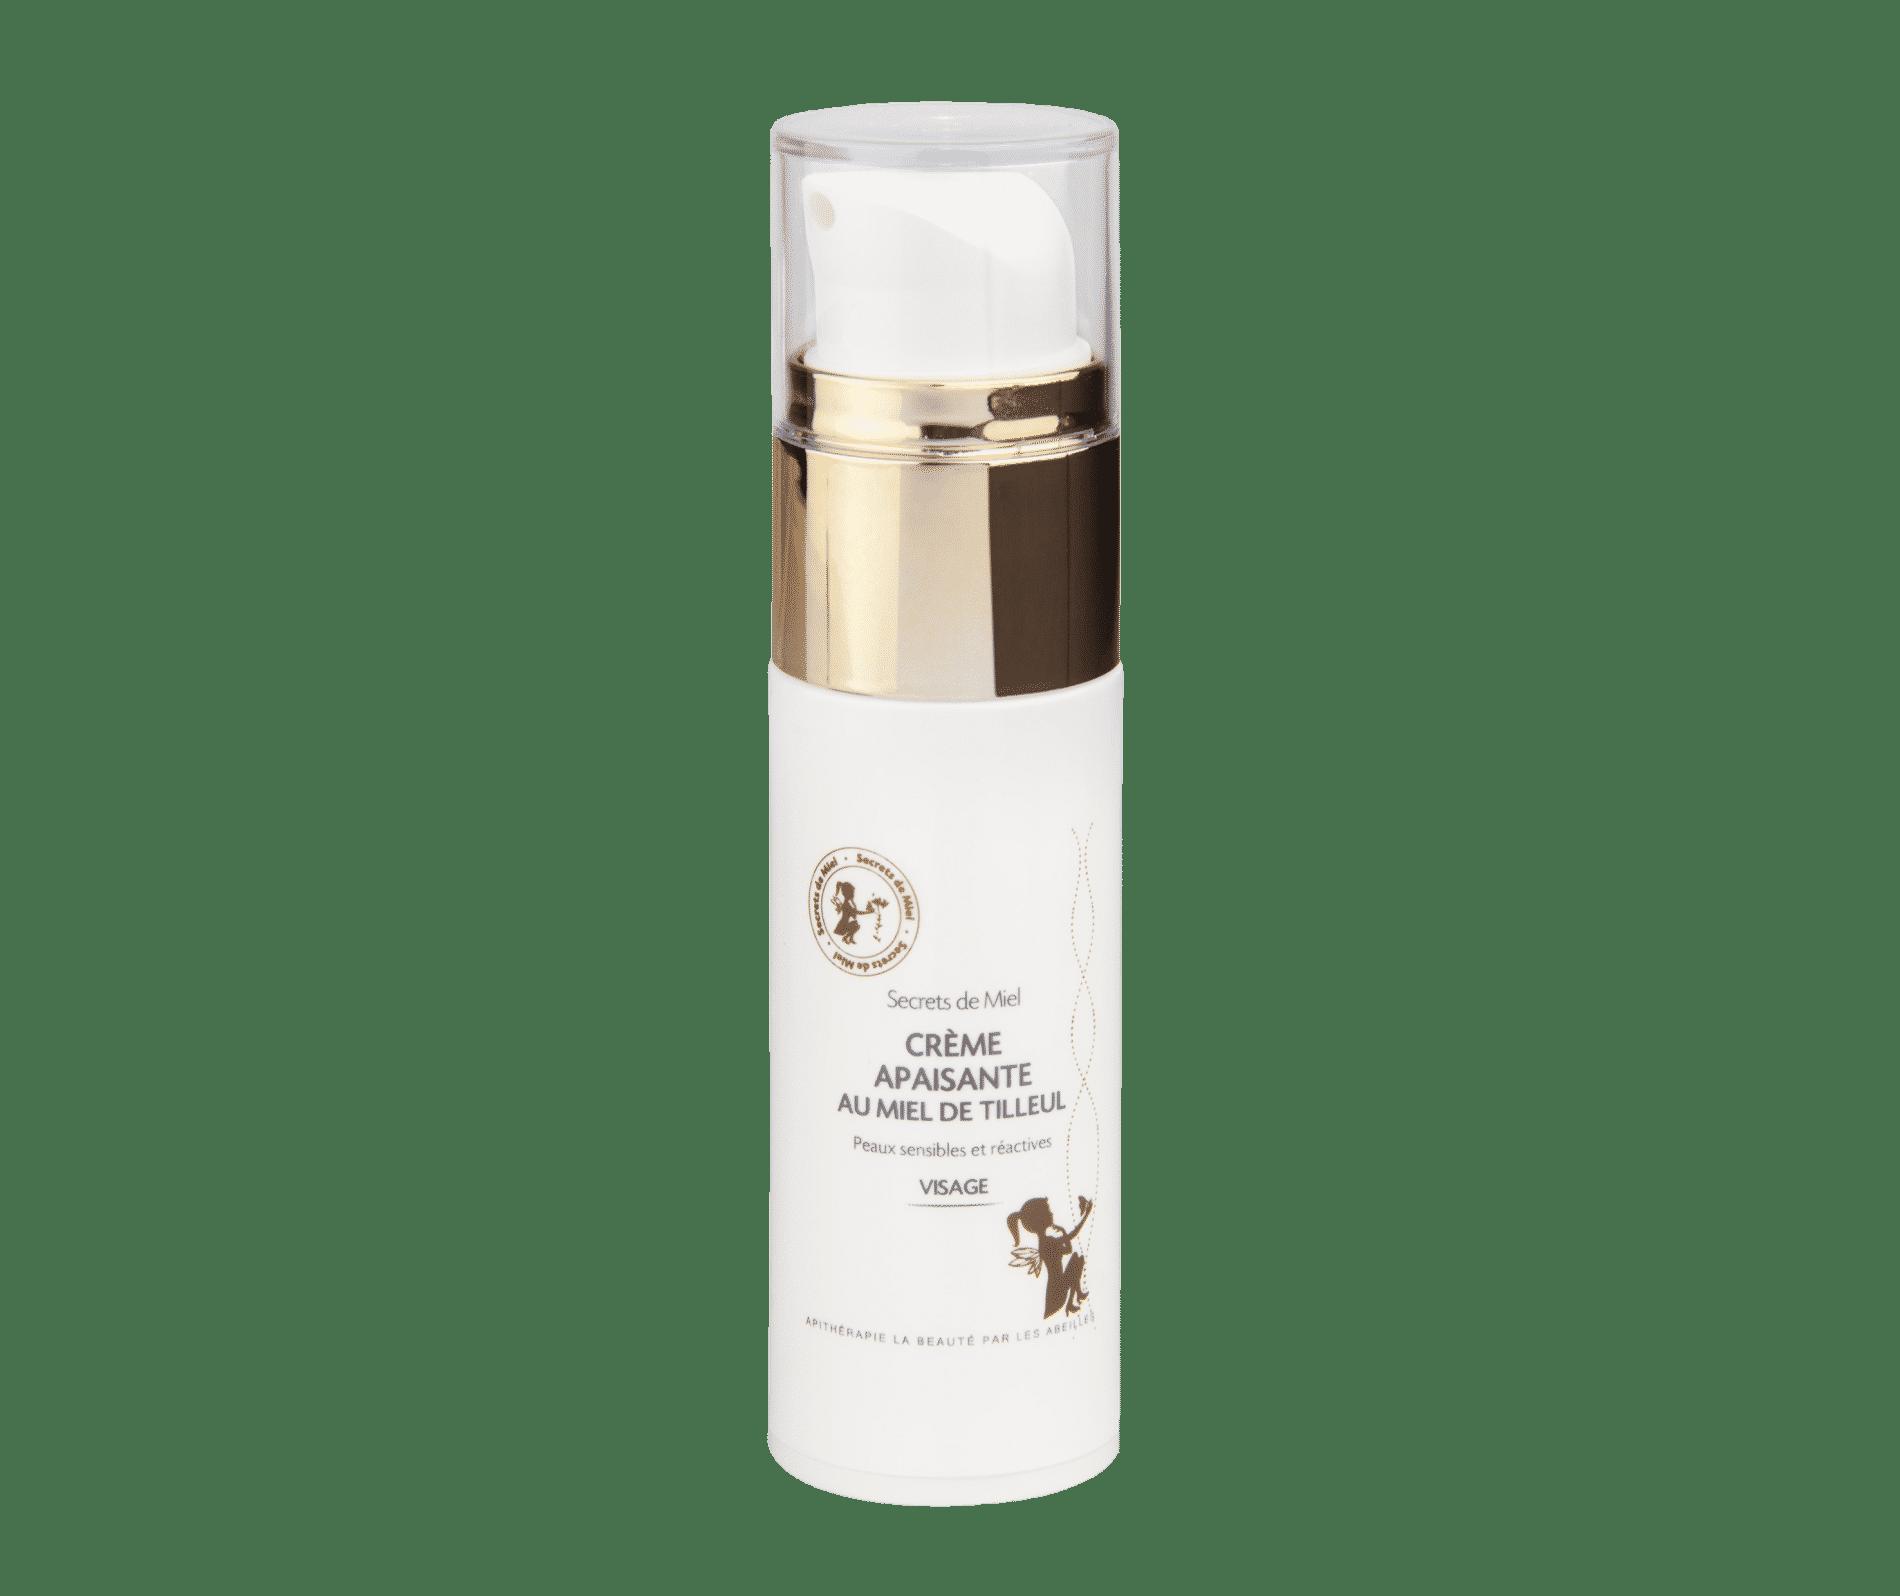 Crème Apaisante - Miel de Tilleul - Miel - Nourrit la peau - Pour les peaux sèches - Produit naturel - Secrets de Miel